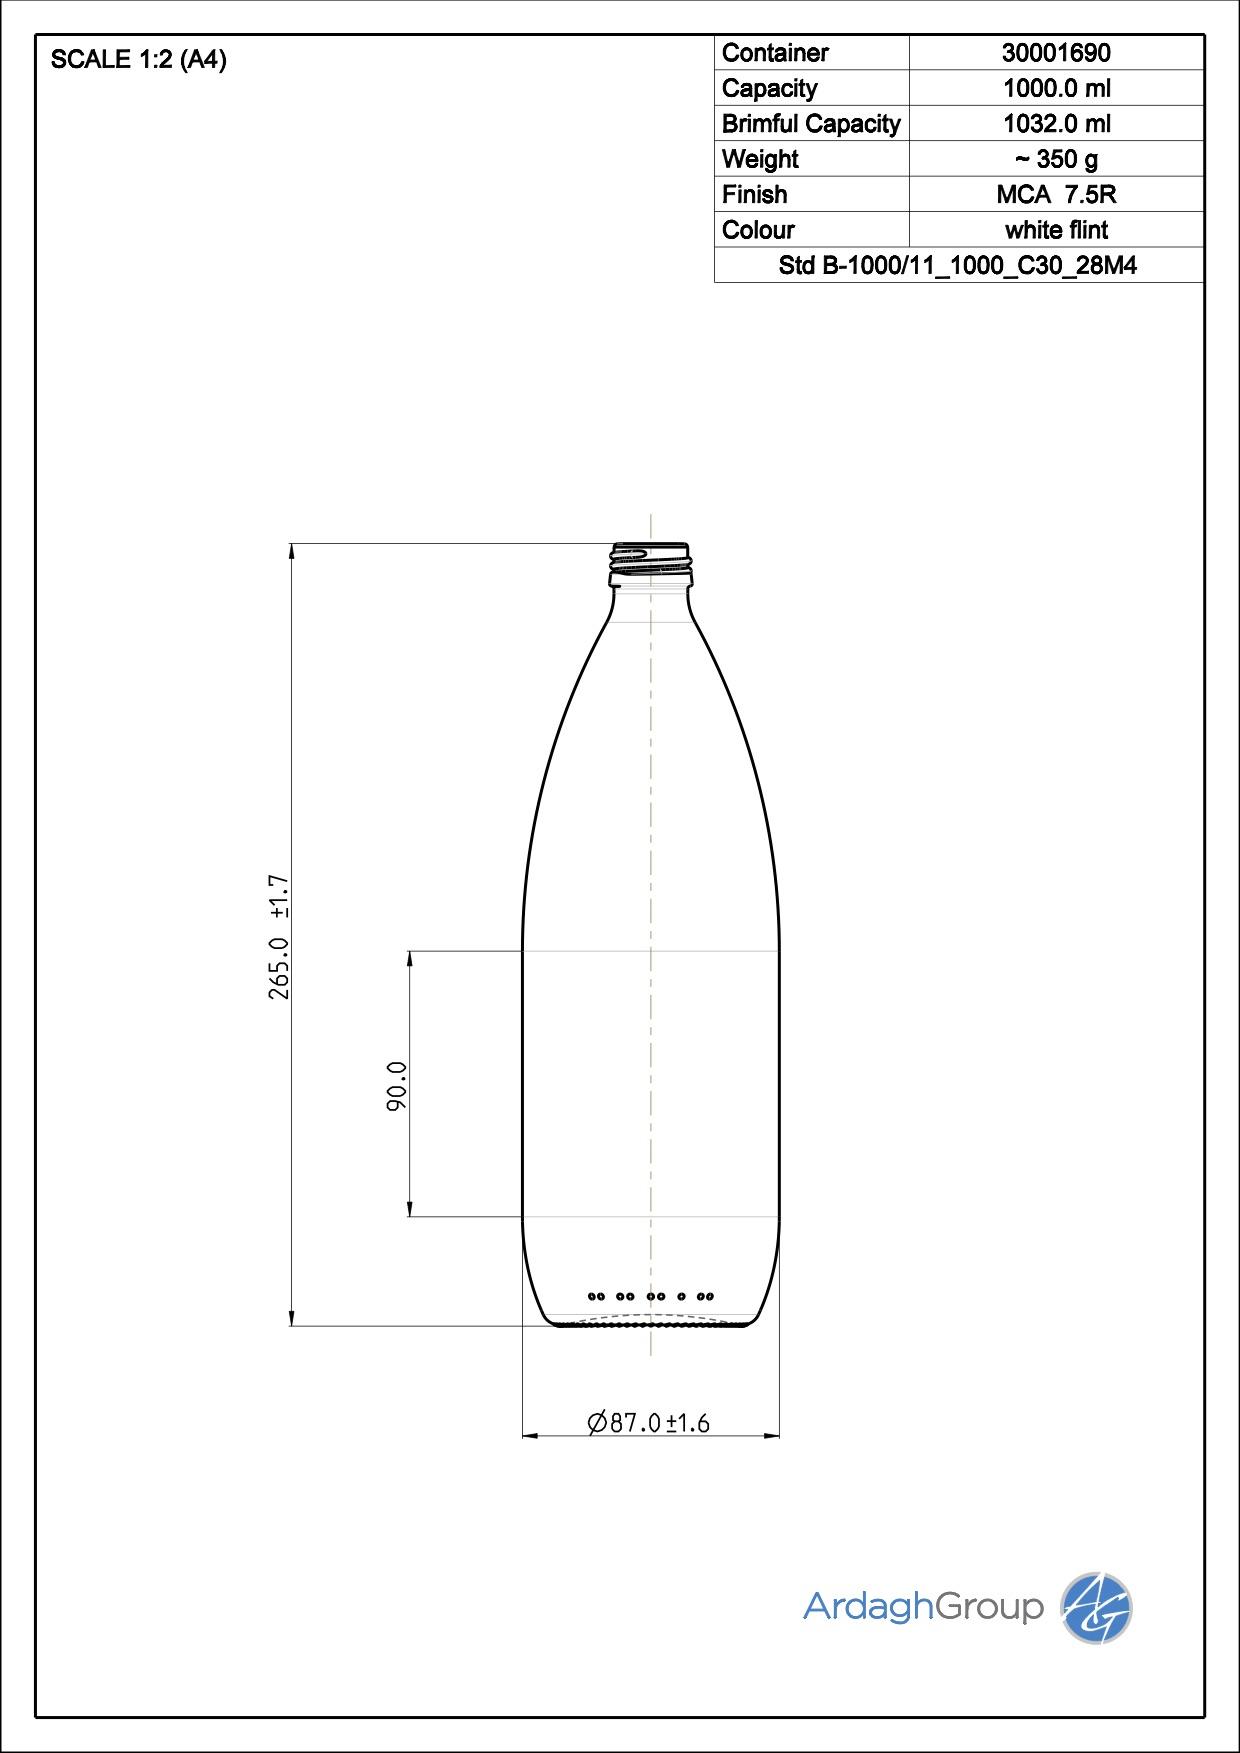 Std B-1000/11 1000 C30 28M4